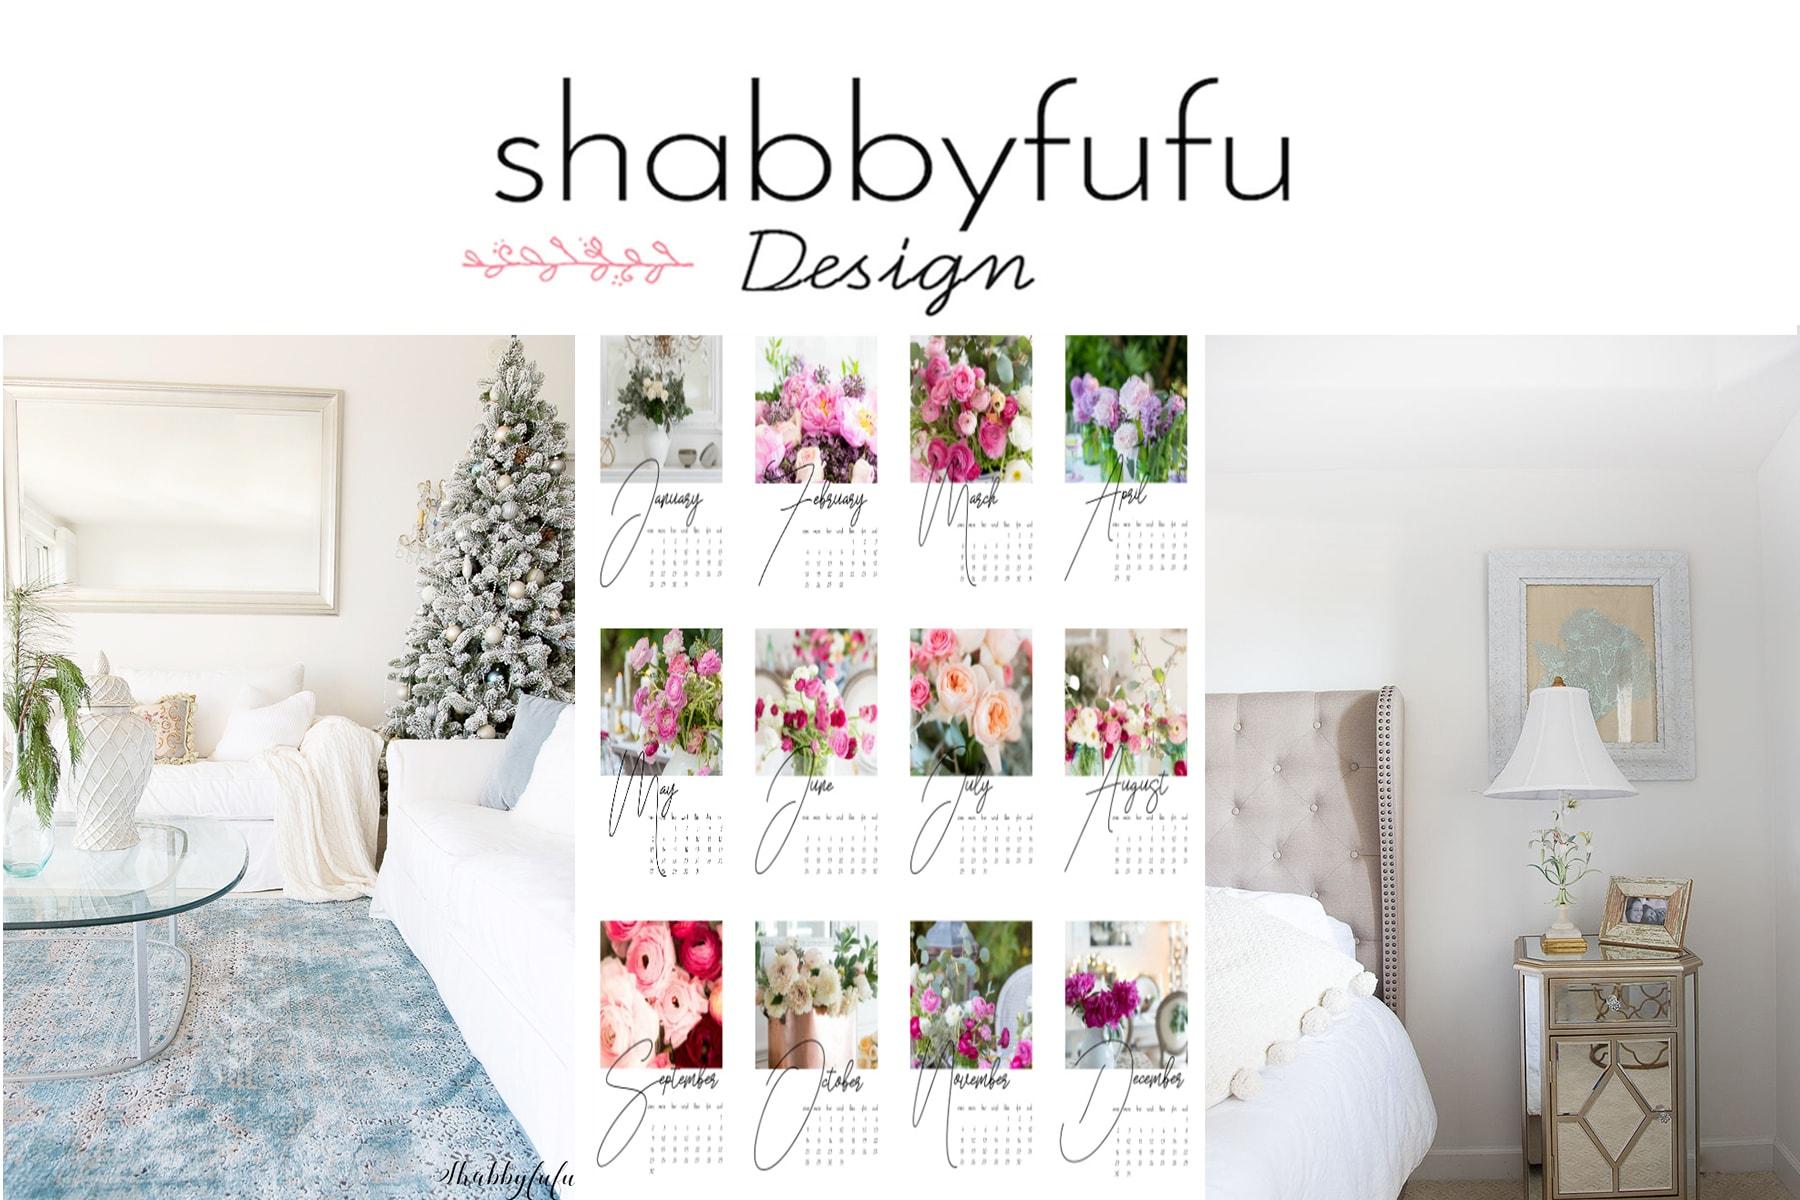 Style Showcase Week 9 - Shabbyfufu